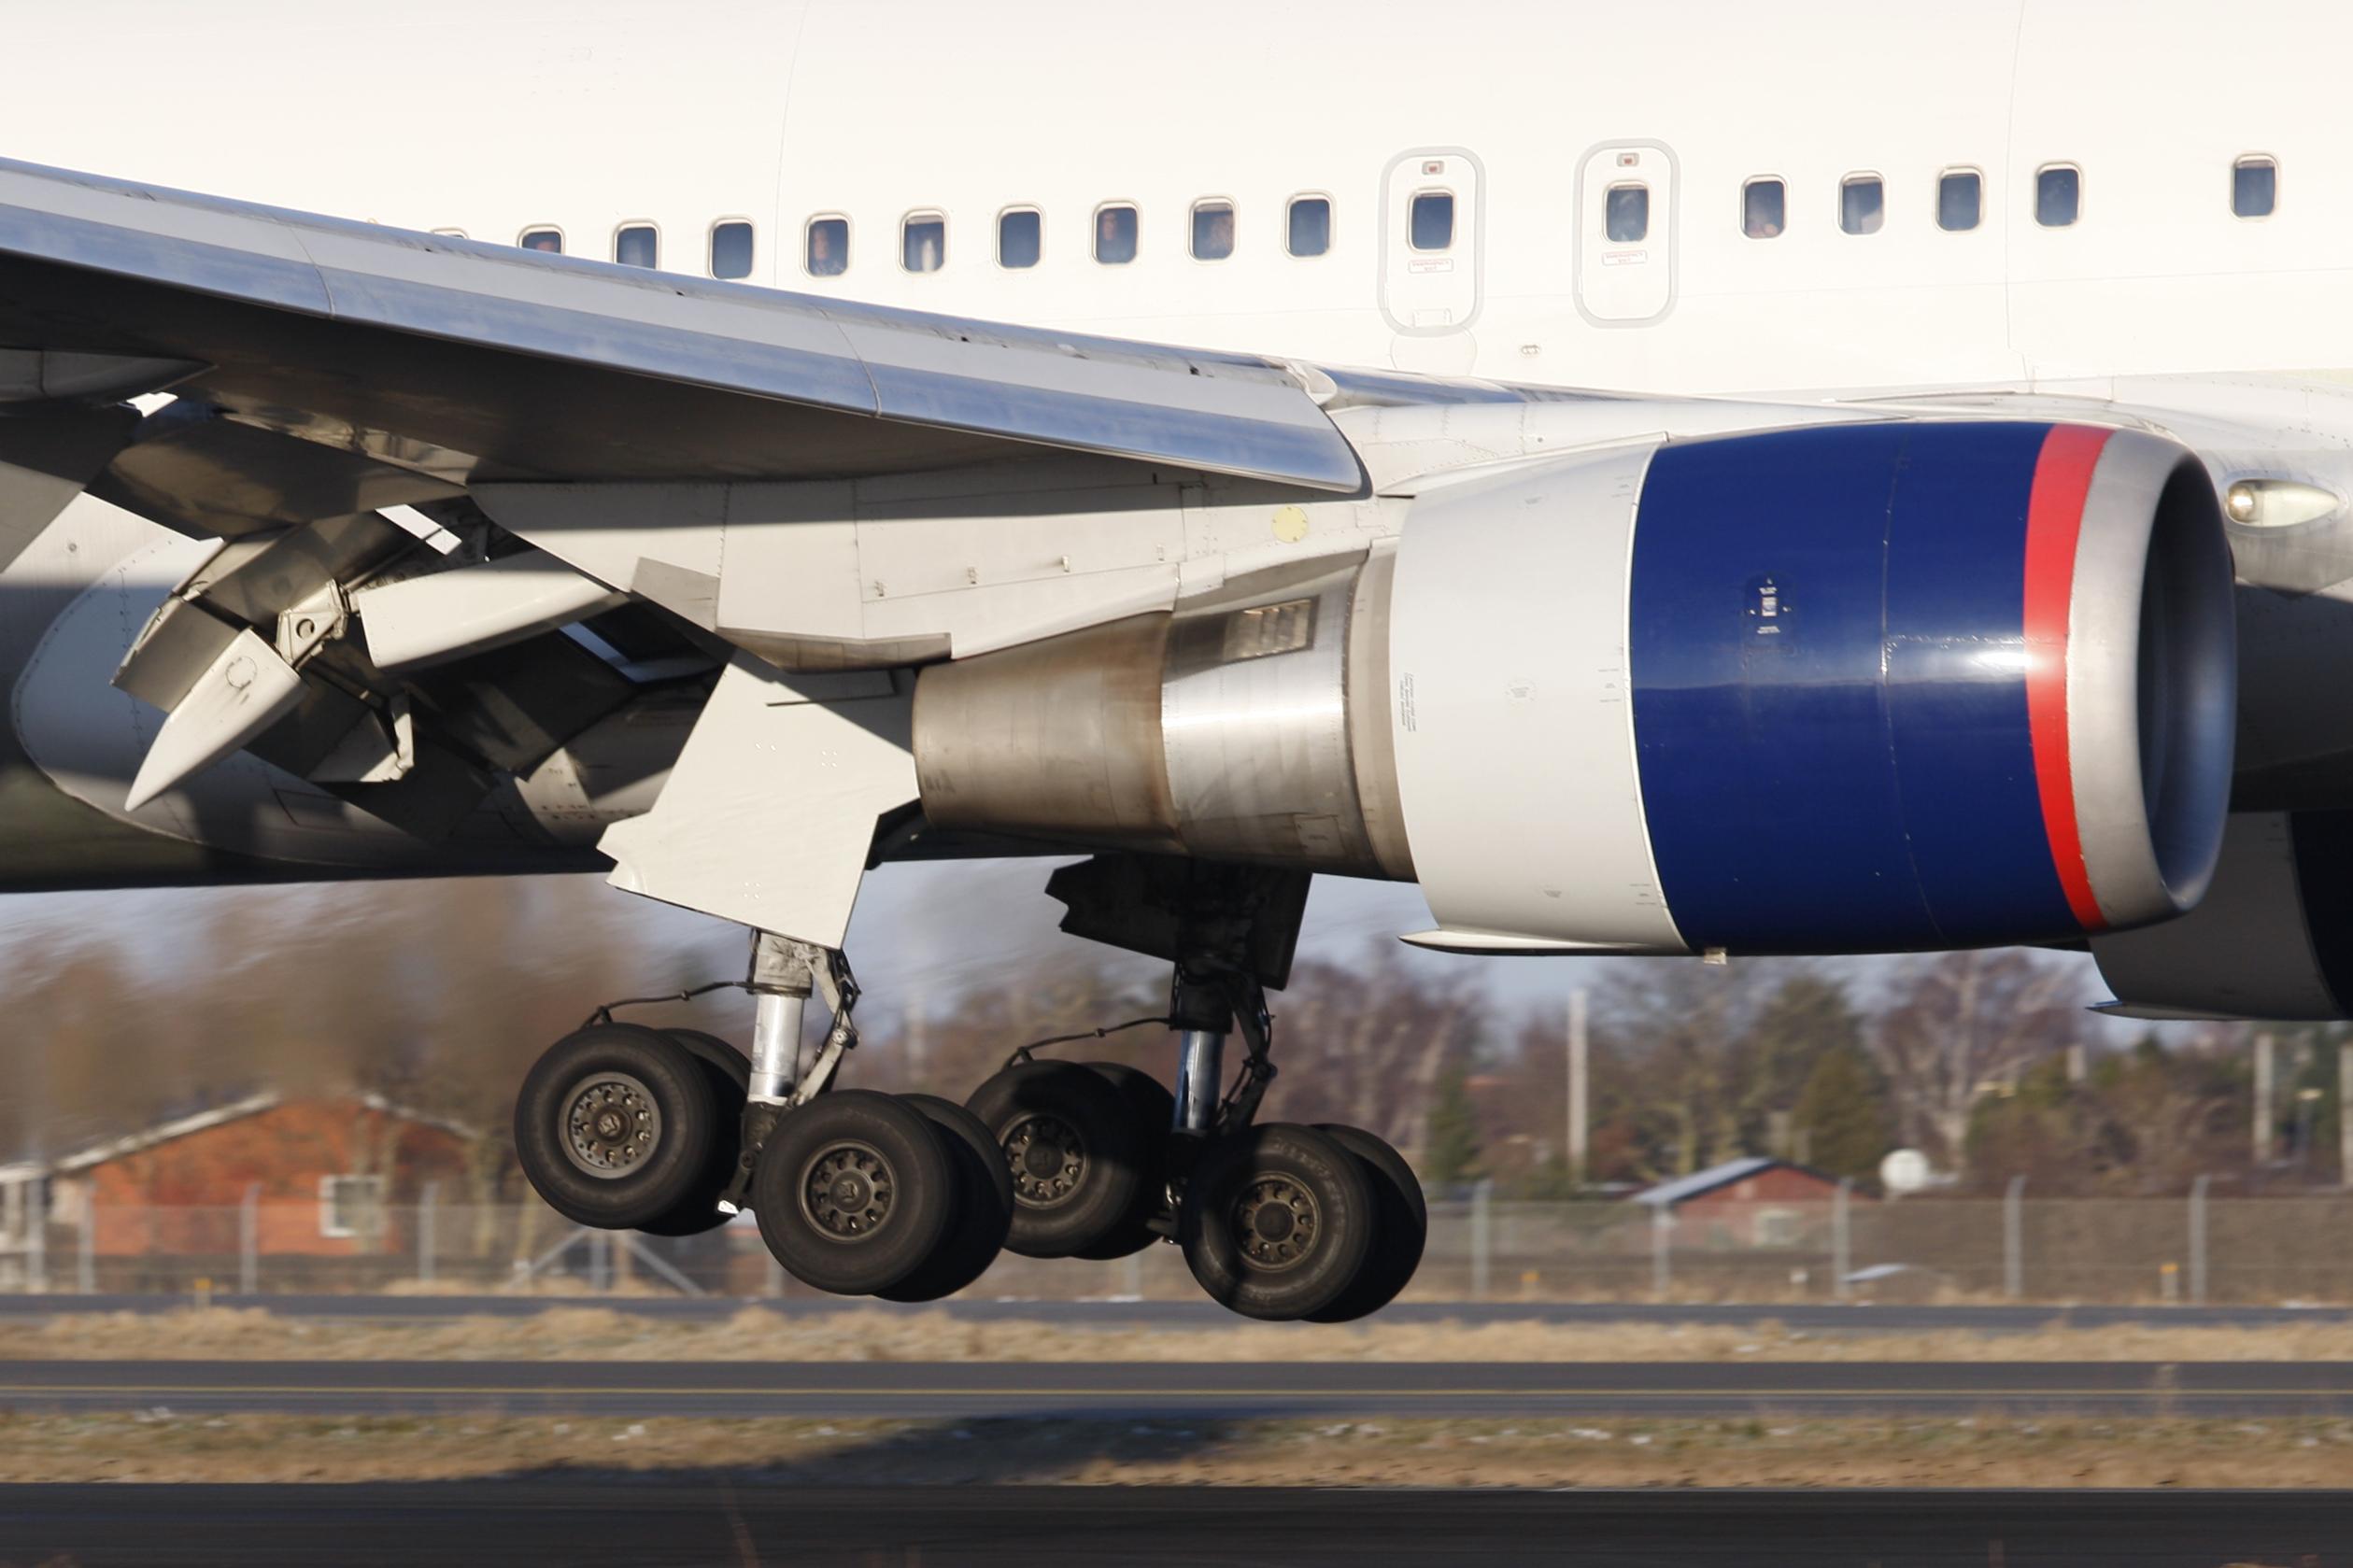 Boeing 767-300ER fra Delta Airl Lines under landing i Københavns Lufthavn. Foto: © Thorbjørn Brunander Sund, Danish Aviation Photo)